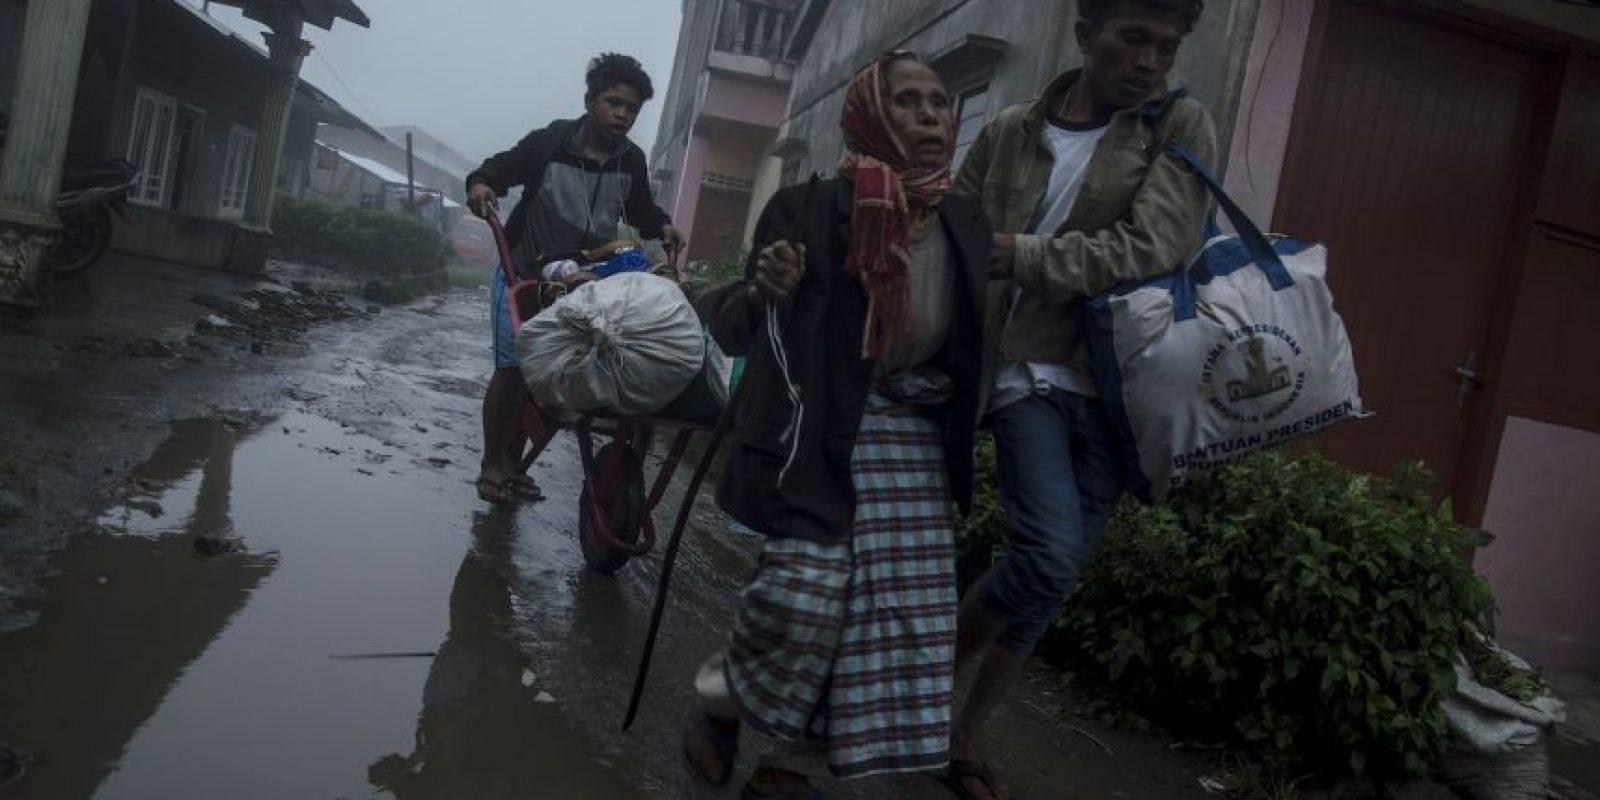 Mucha gente ha tenido que abandonar su hogares. Foto:AFP